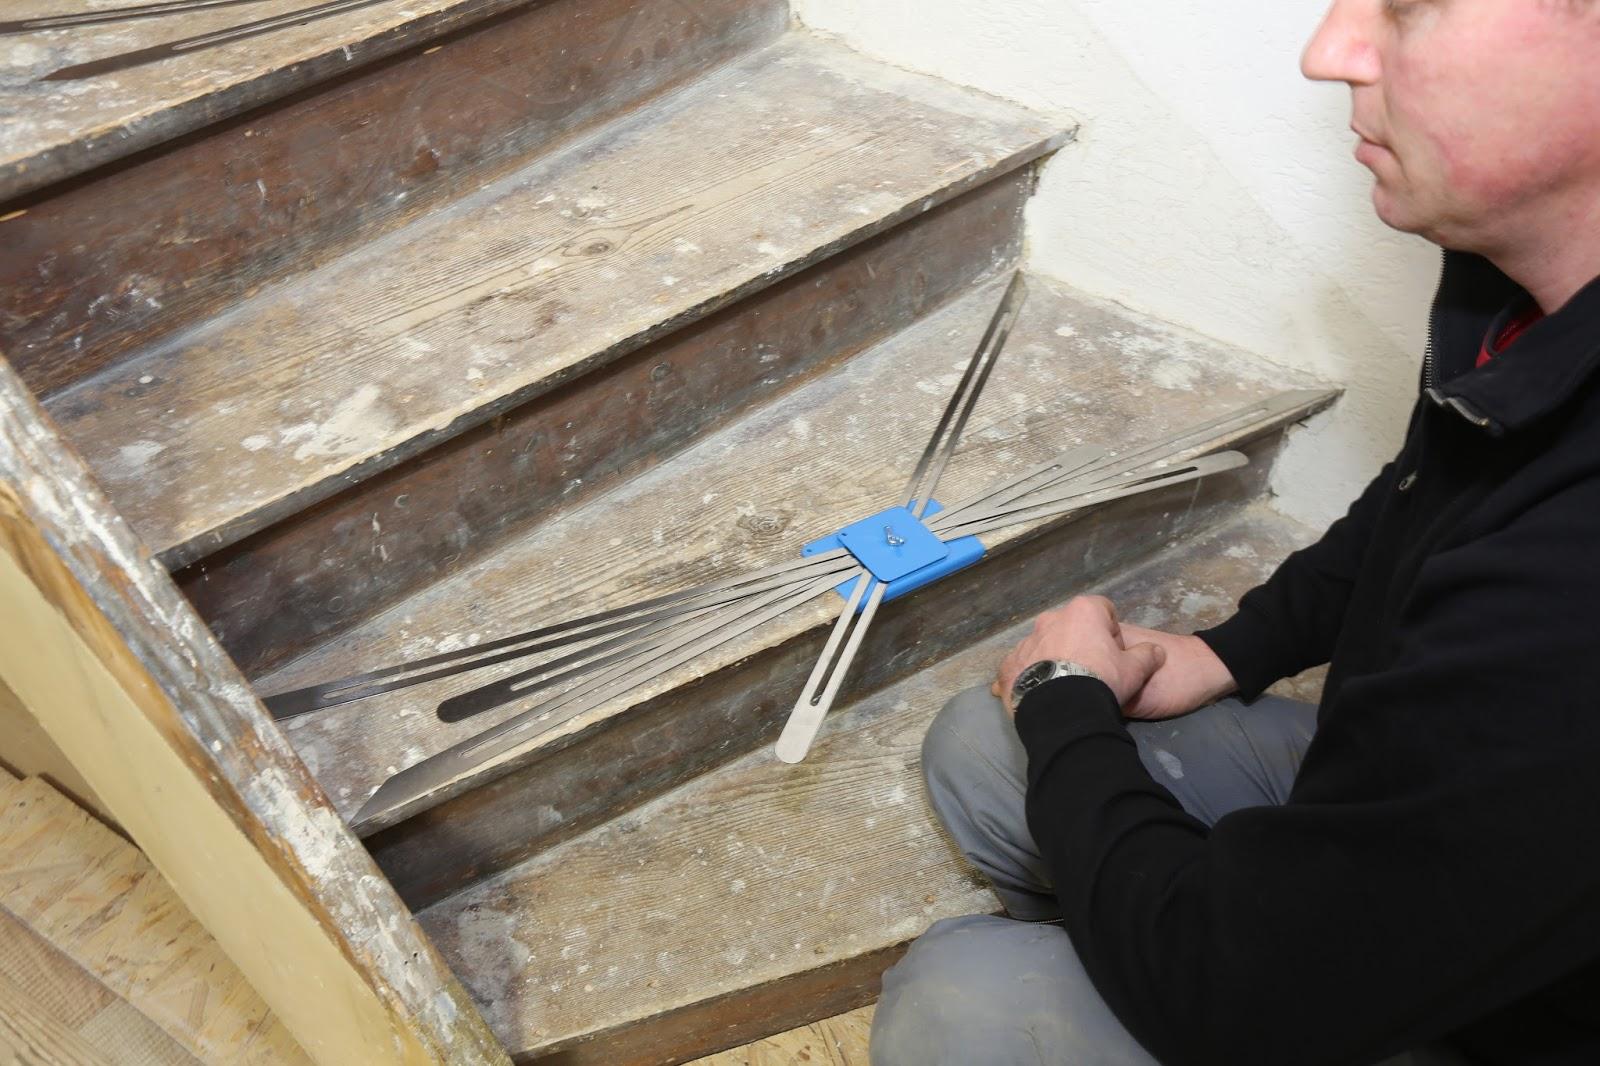 h k treppenrenovierung die treppenspinne und andere spezial werkzeuge zu ihrer treppen renovierung. Black Bedroom Furniture Sets. Home Design Ideas